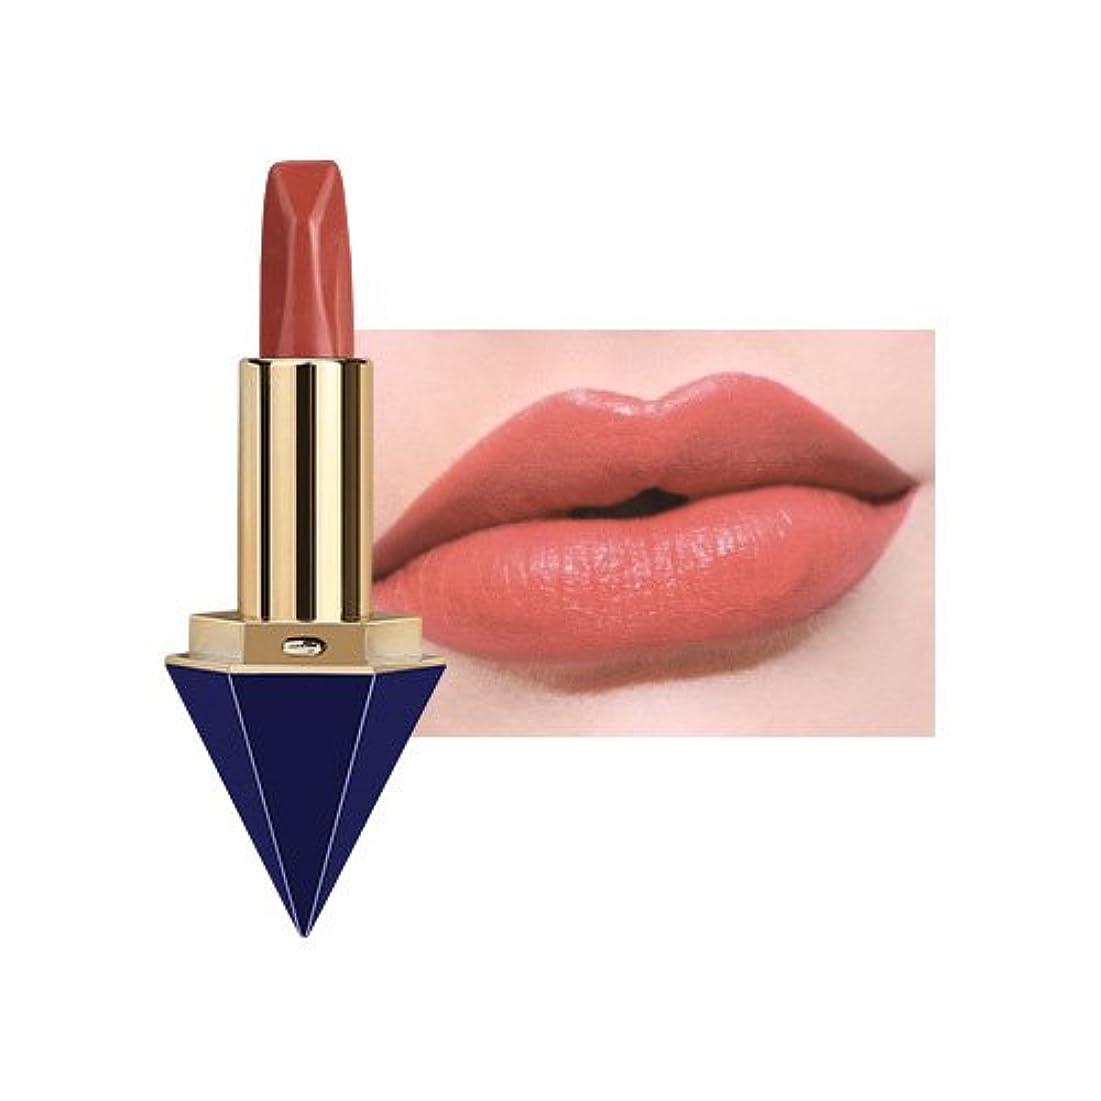 手を差し伸べる毛布抽象化Doitsa リップグロス 液体リップ 口紅 メイク 唇 美容 化粧 防水 明るい マット スムース 魅力 多彩 防水 人気 おしゃれ レディース